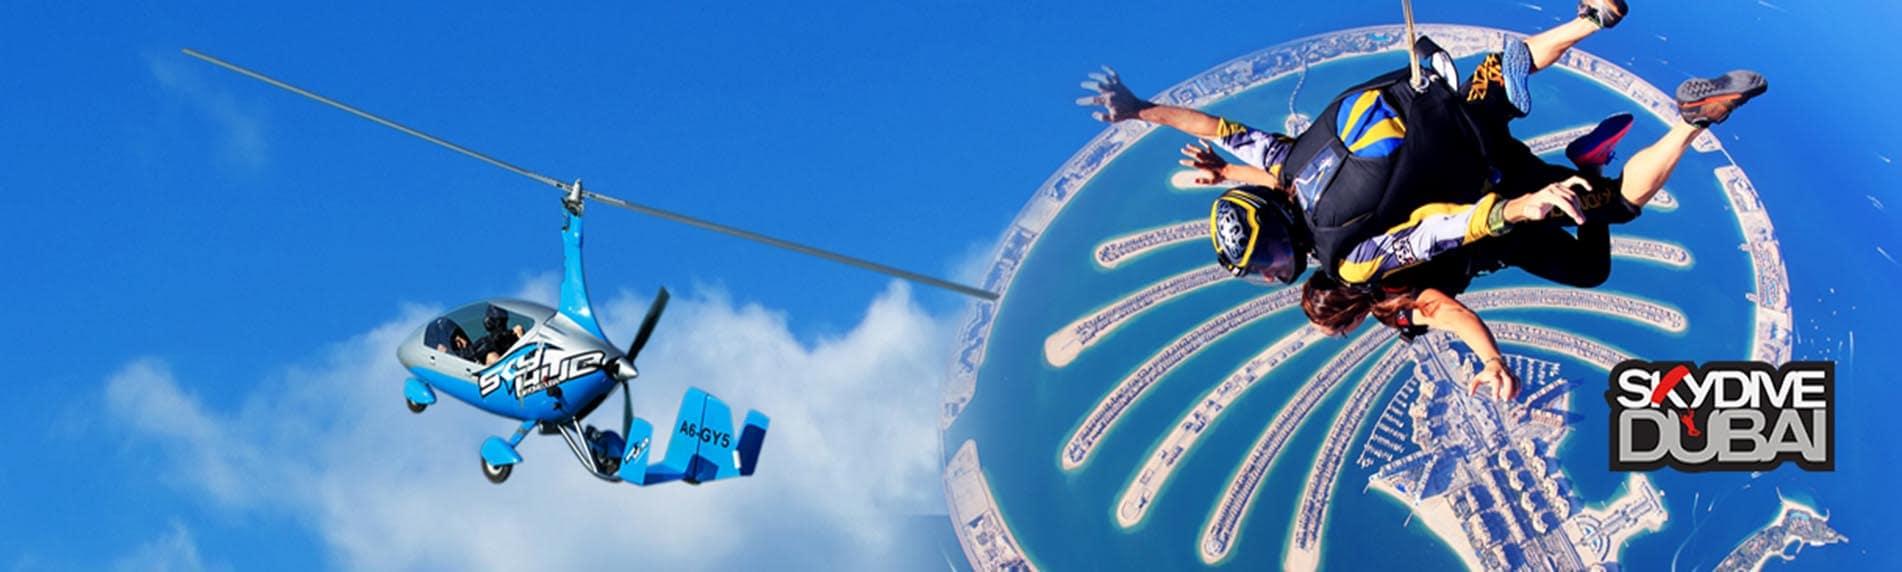 skydive-frontimg.jpg